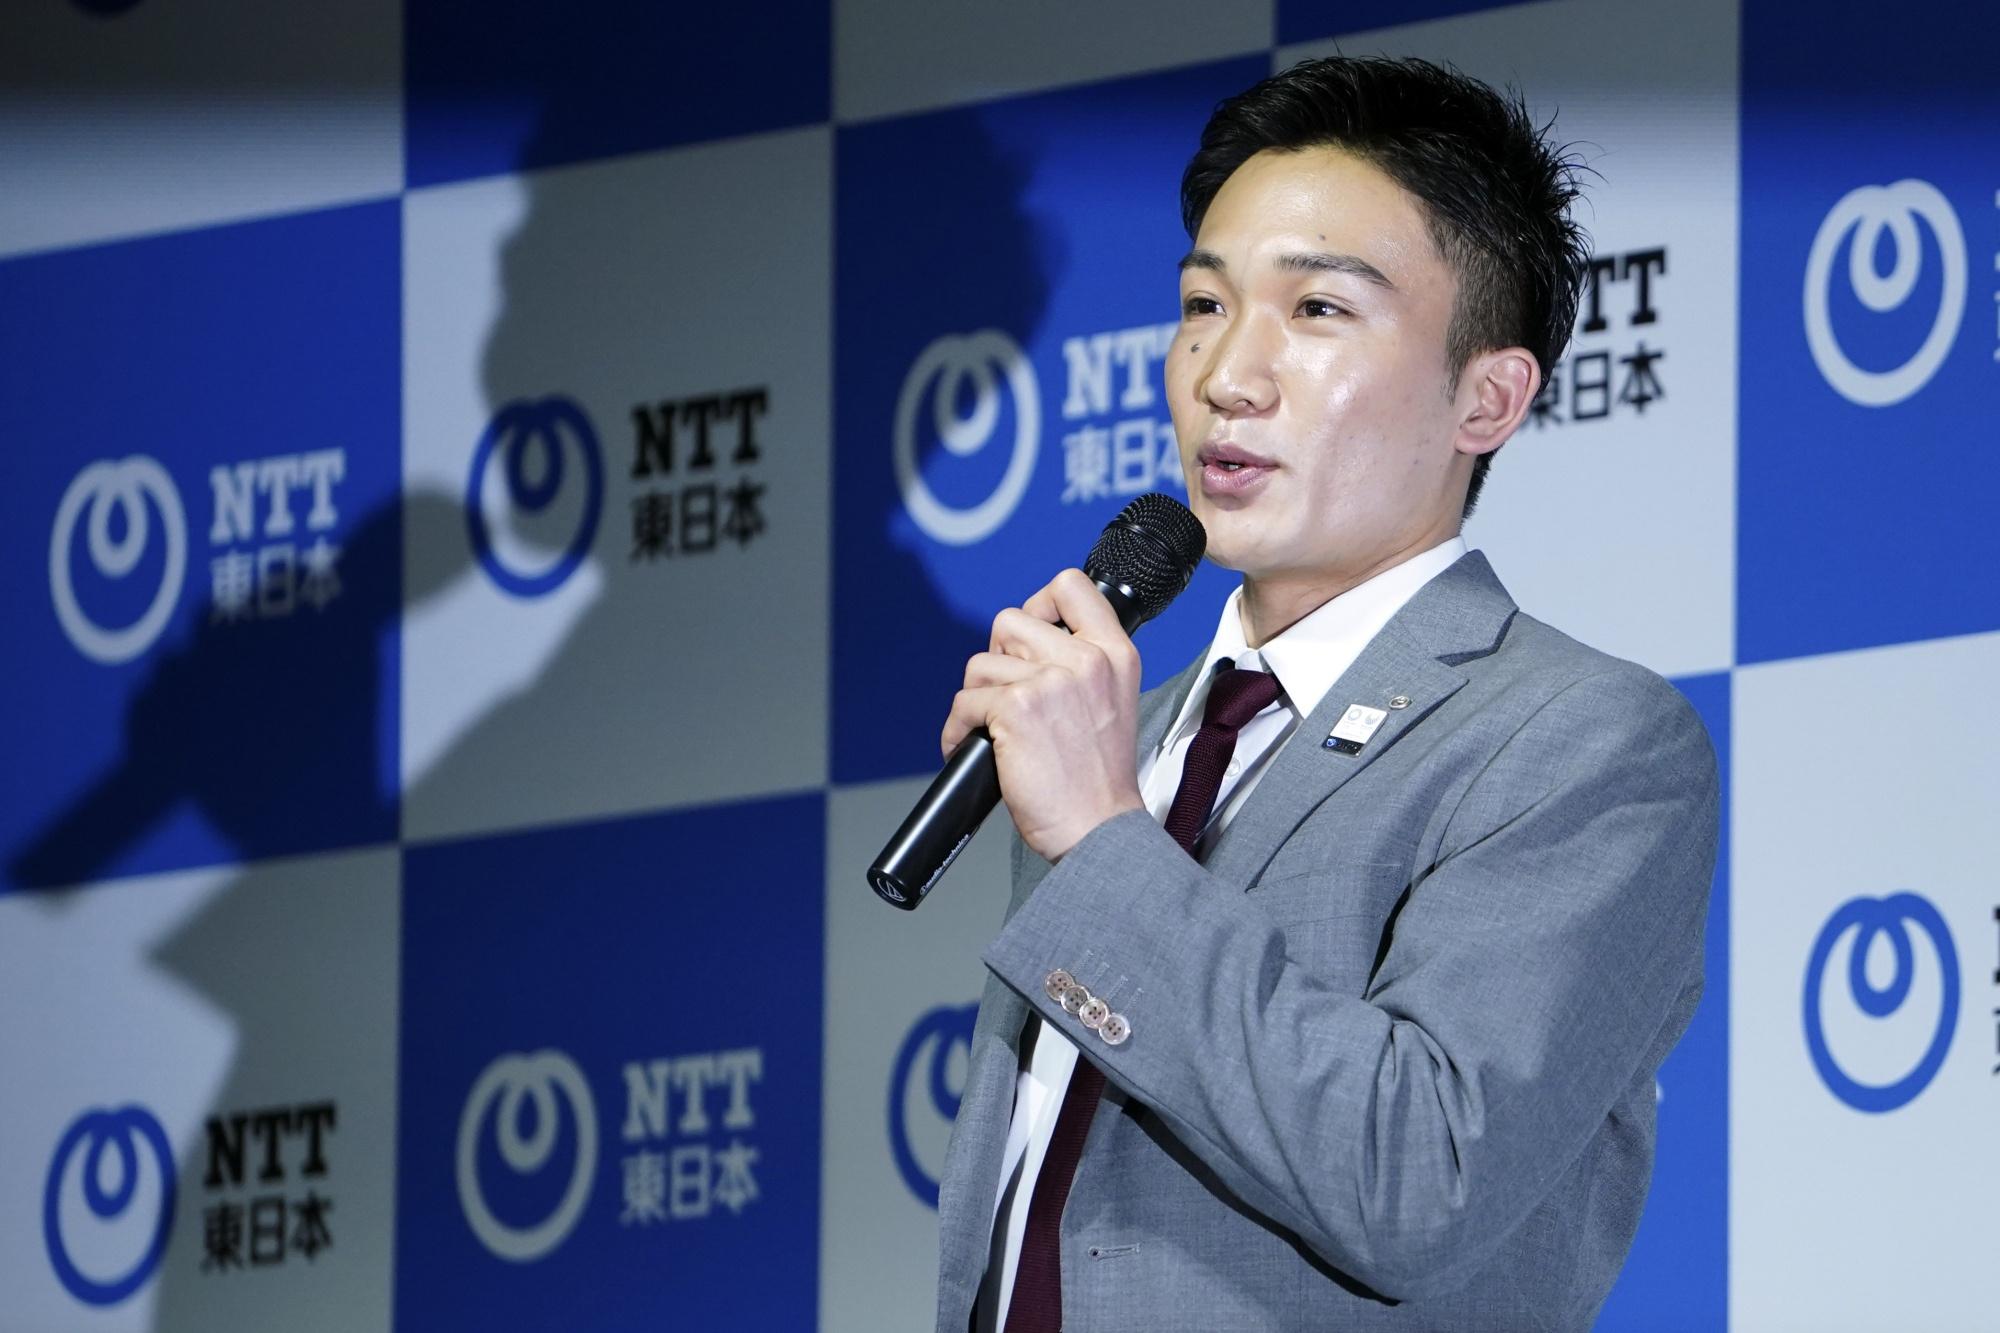 Kento Momota Biography